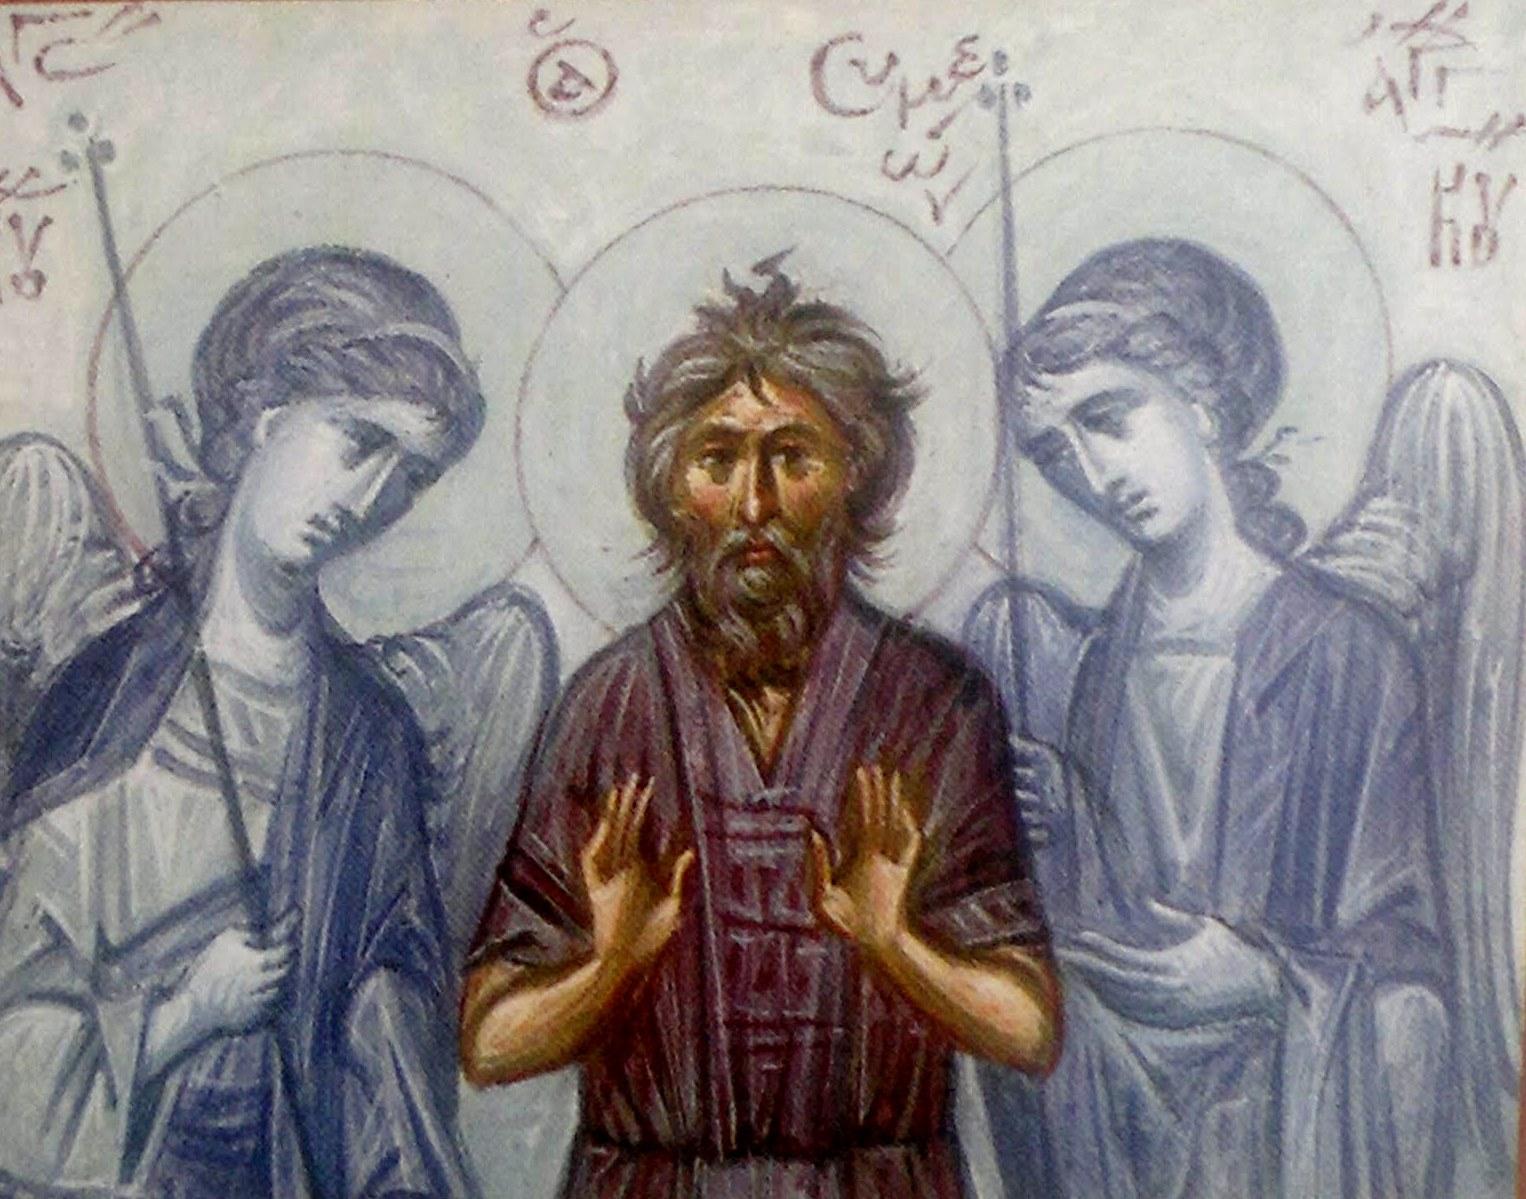 Αποτέλεσμα εικόνας για αγιος ανδρεας δια χριστον σαλος